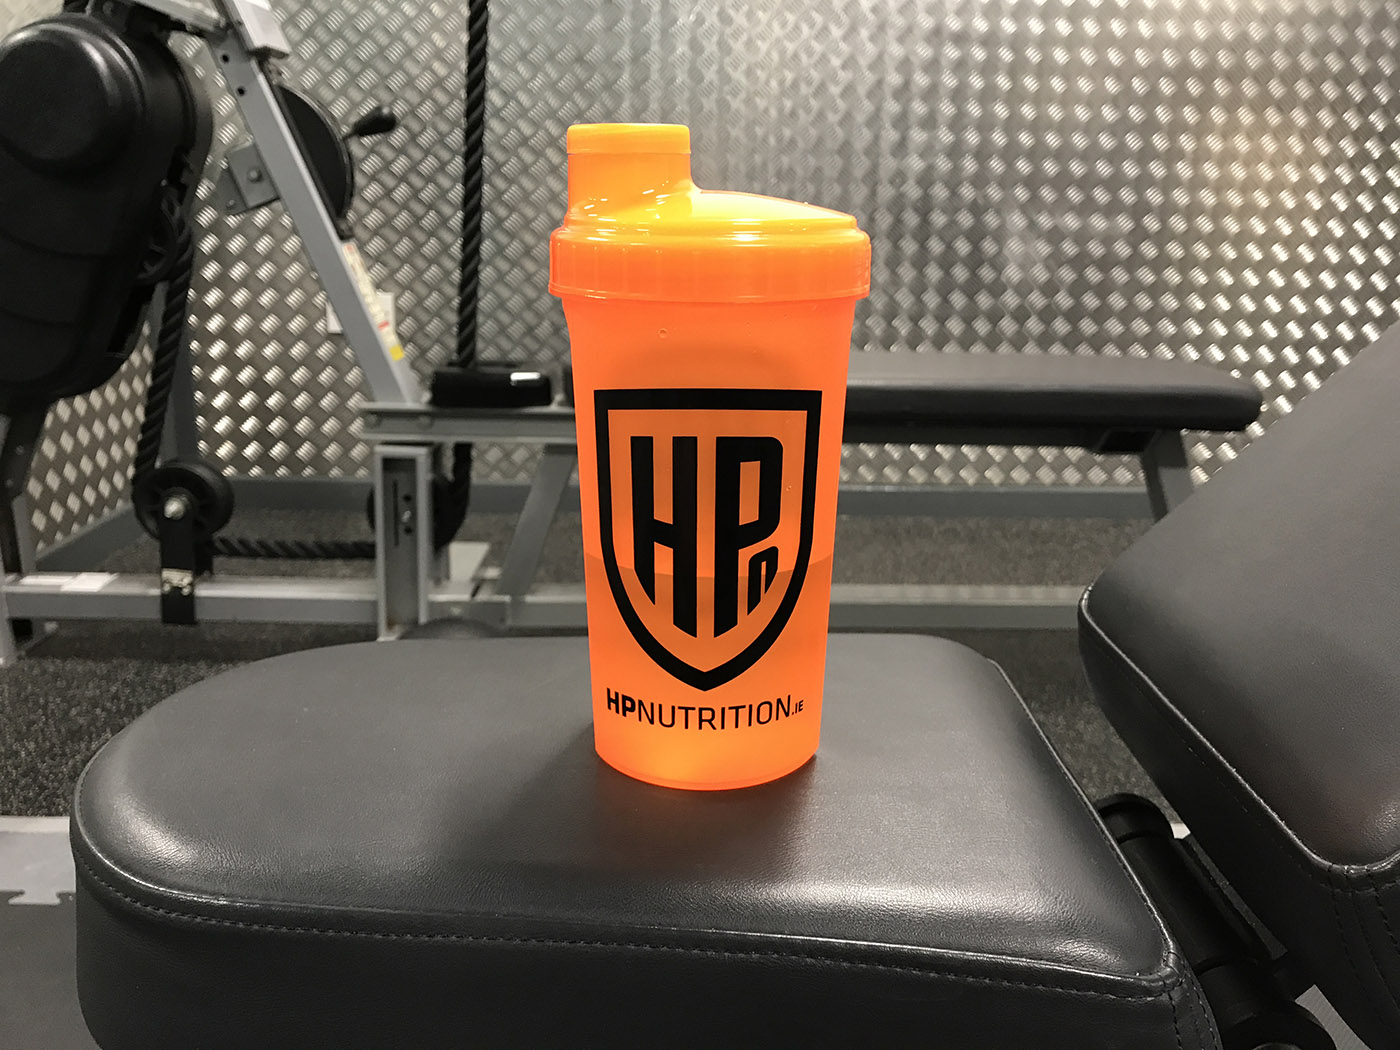 HPN branding visuals